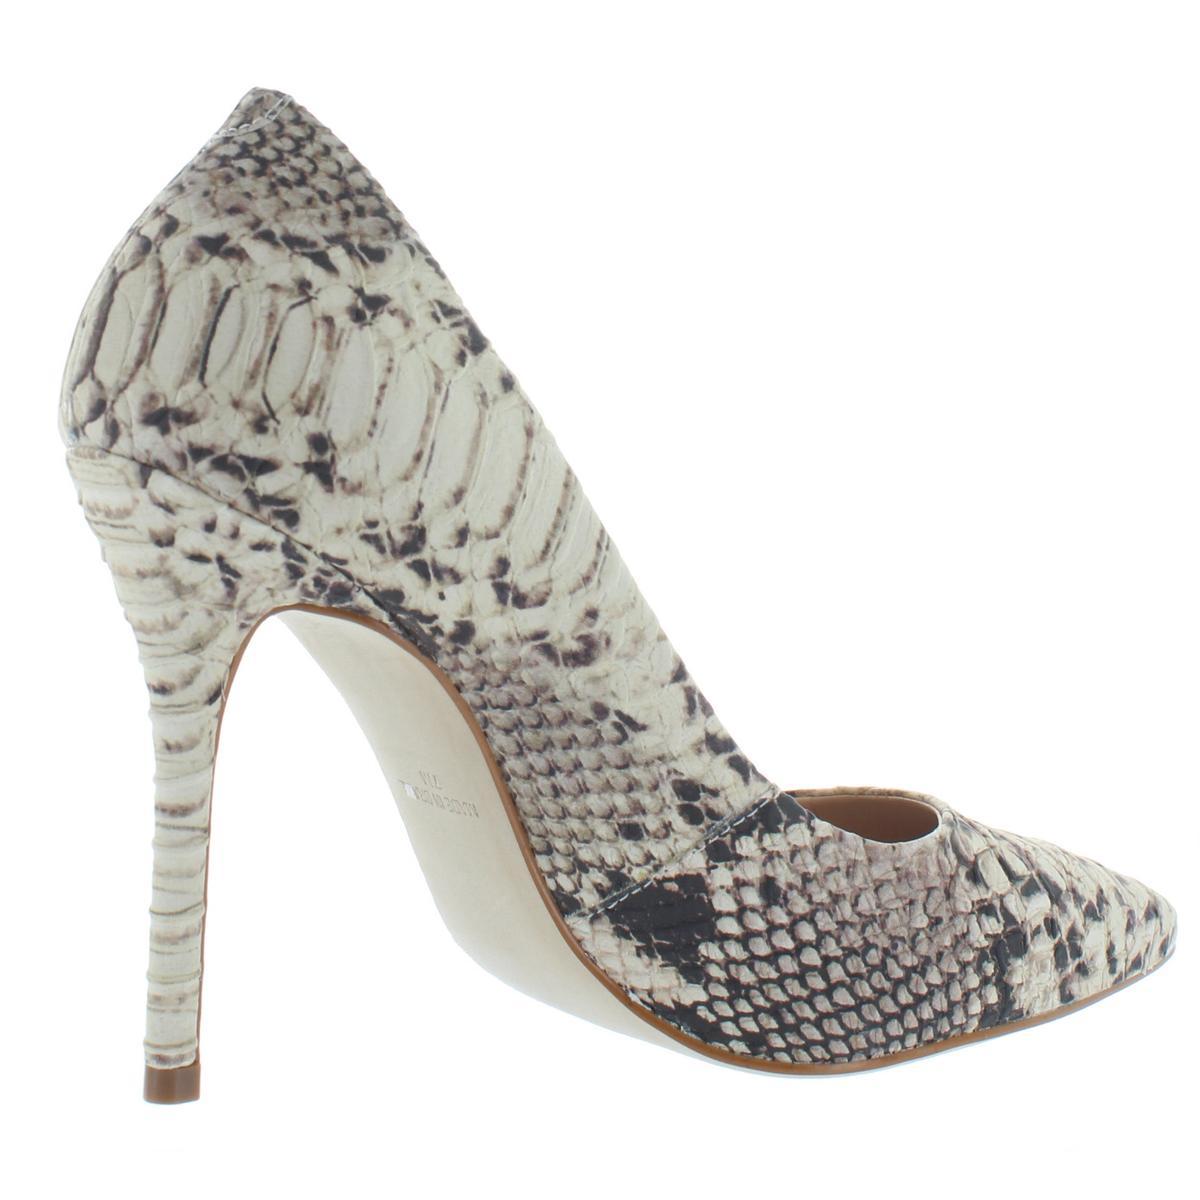 Steve-Madden-Womens-Daisie-Evening-Heels-Shoes-BHFO-4616 thumbnail 16